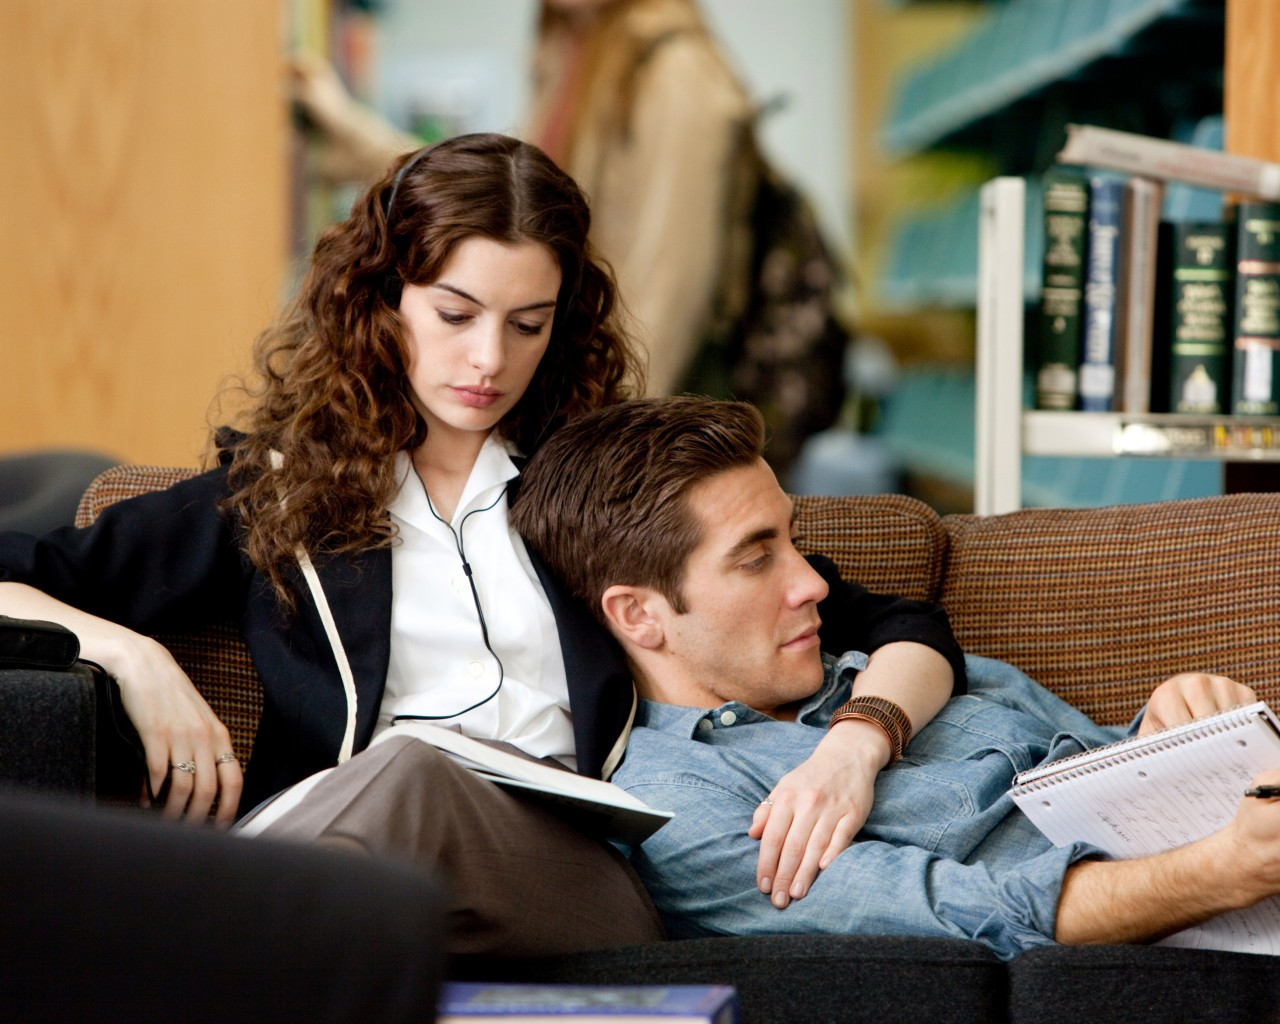 Ученые Йельского университета: Чтение продлевает жизнь